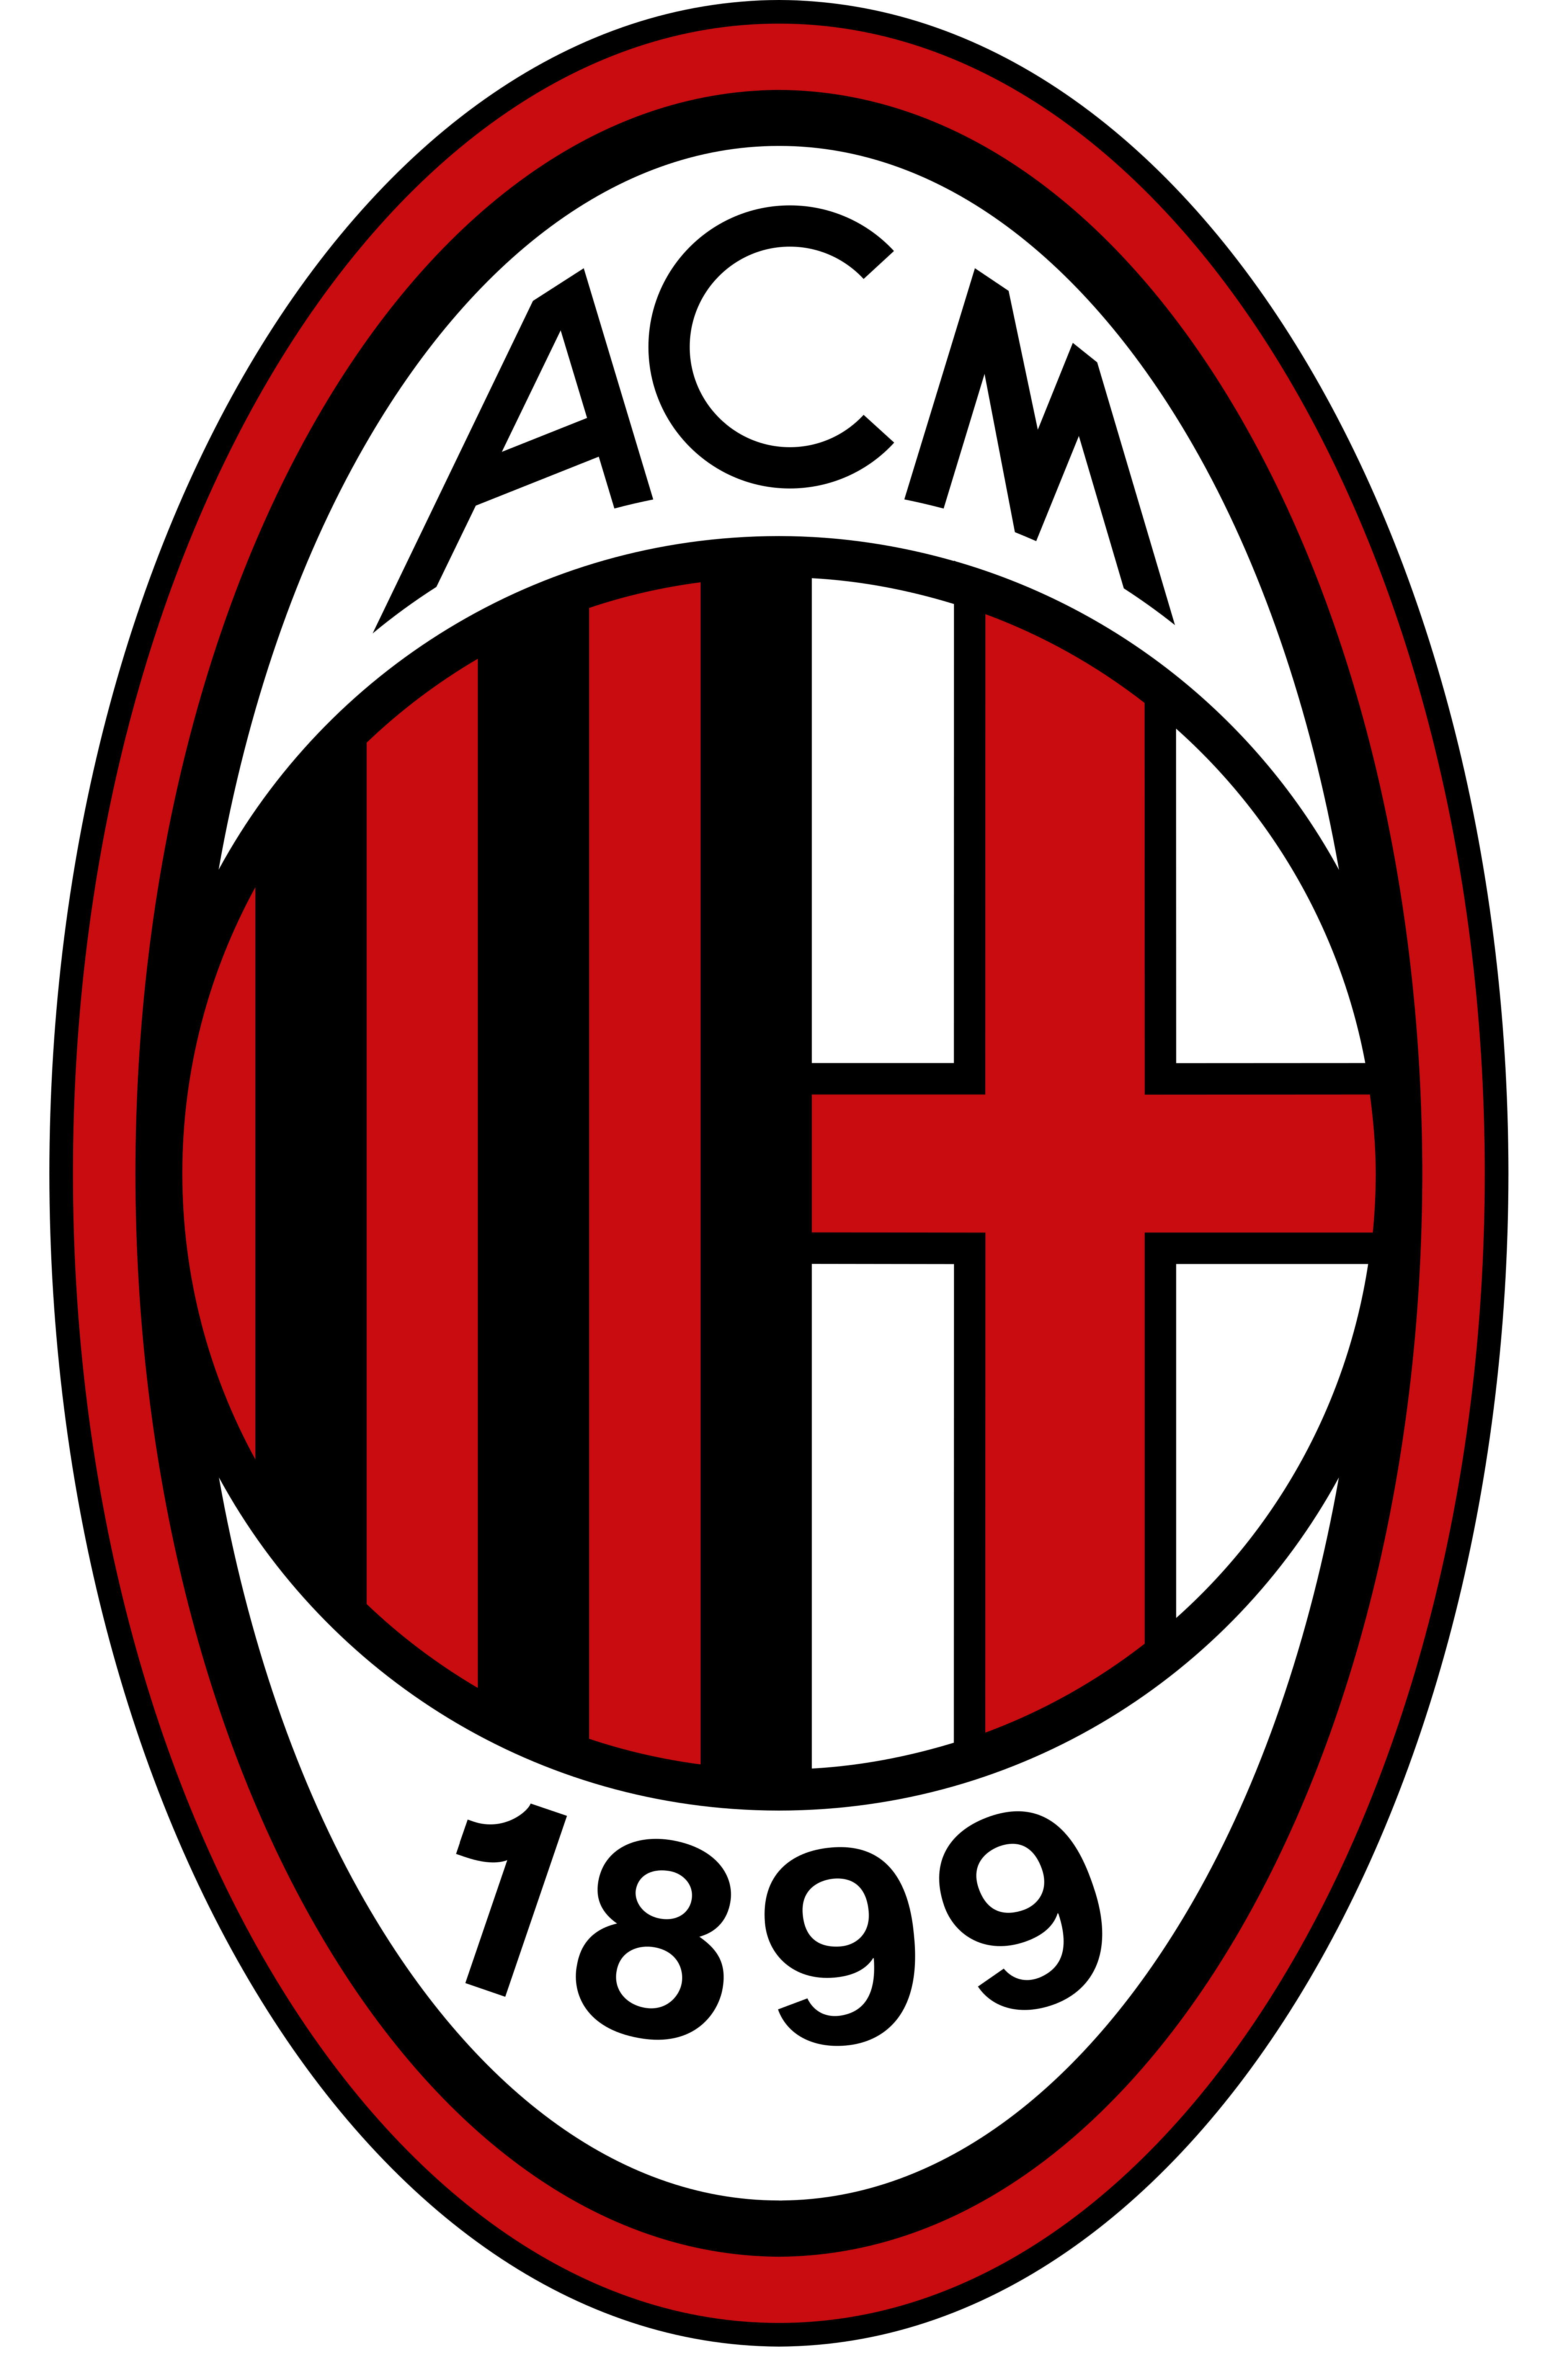 ac milan logo - AC Milan Logo